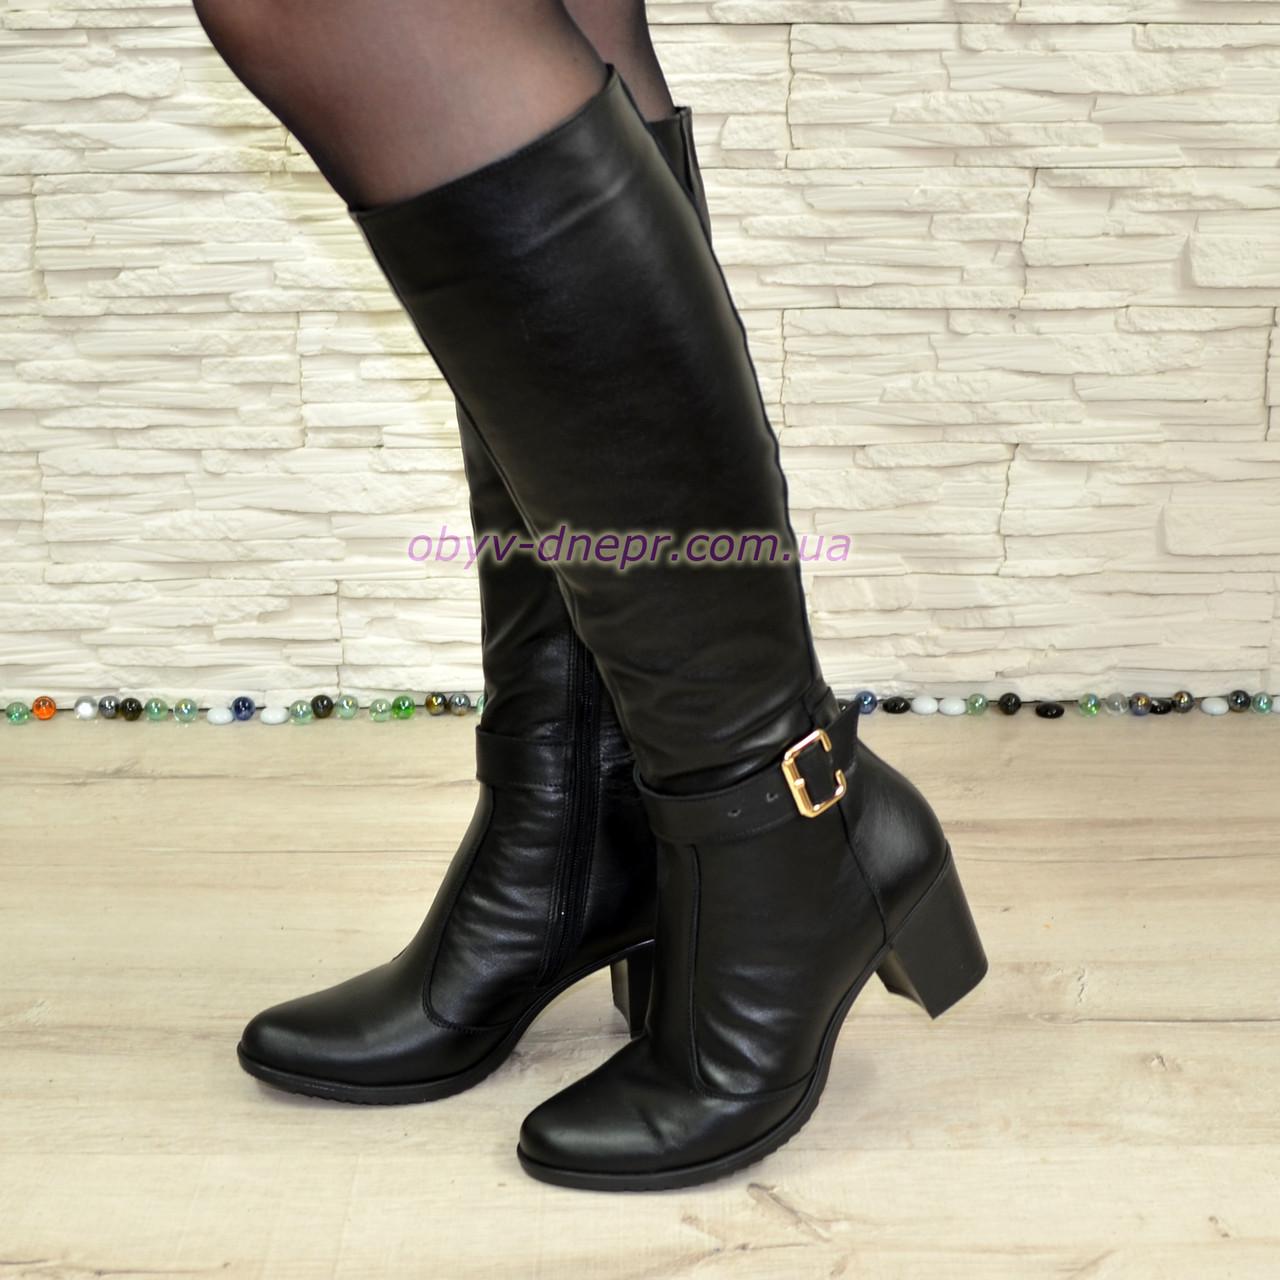 Сапоги женские кожаные, устойчивый каблук. 38 размер, голень 43 см